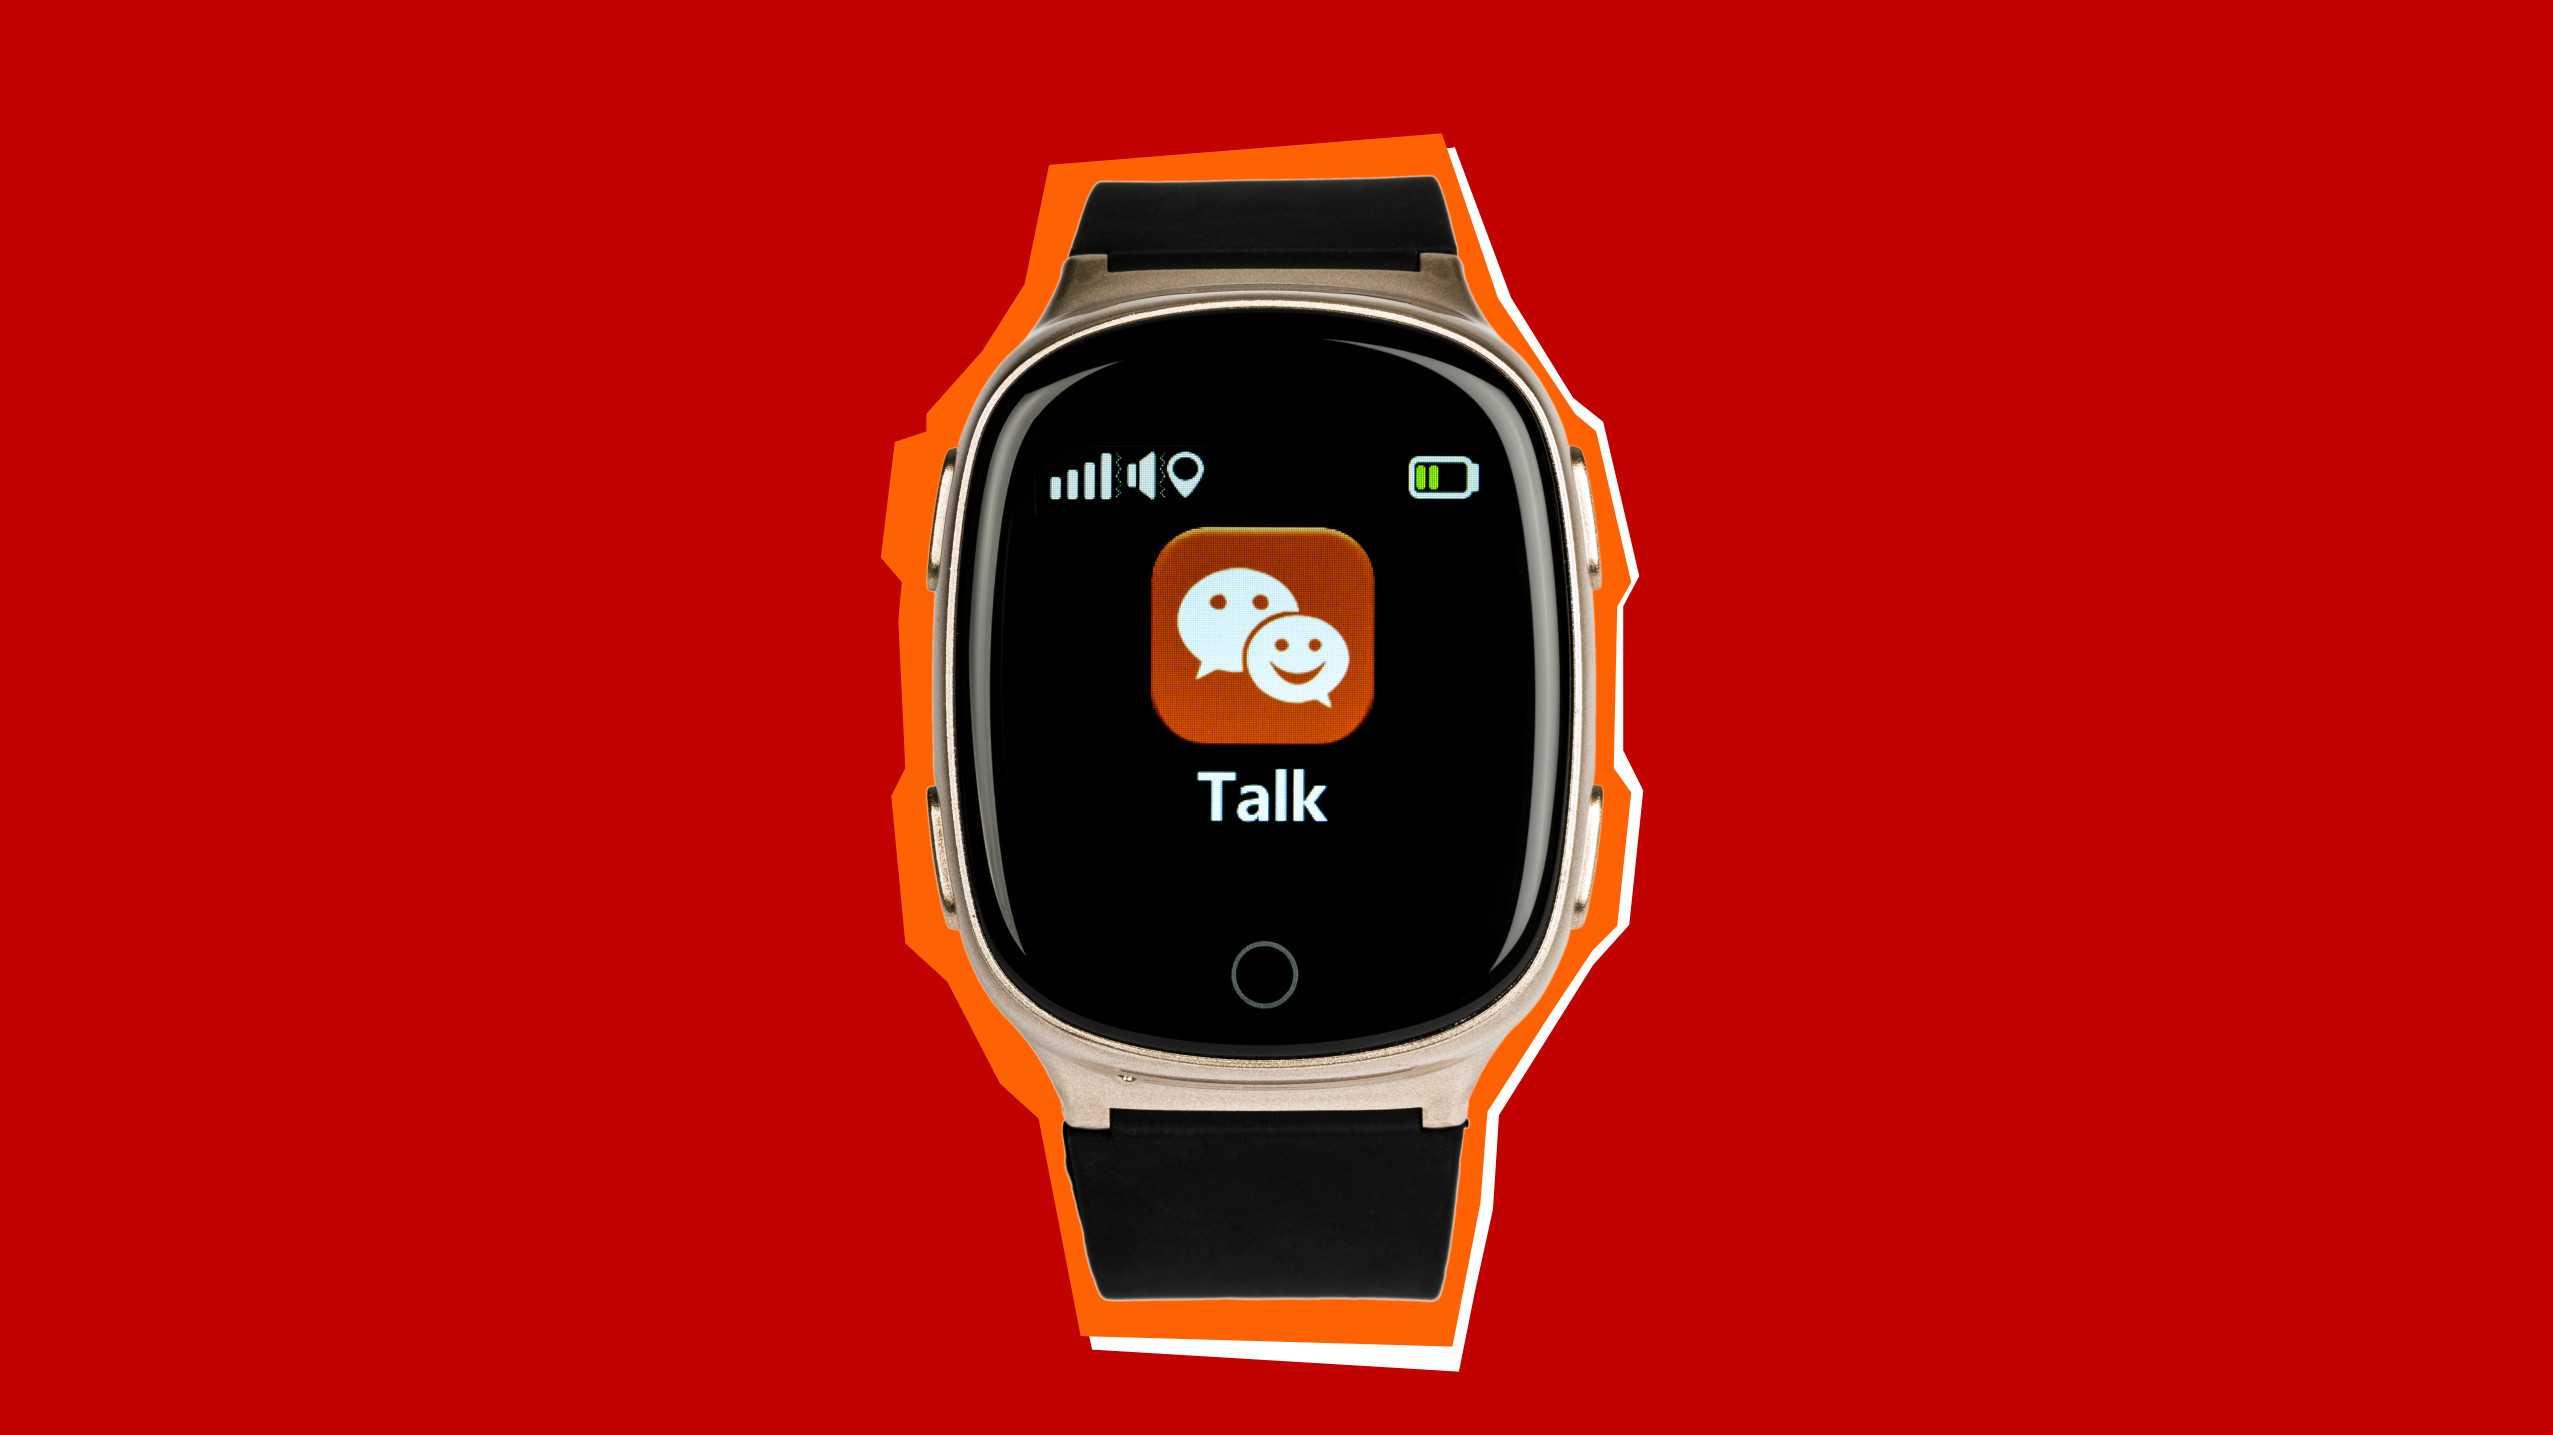 Nach c't-Recherchen: Tracking-Smartwatch jetzt ohne Abhörfunktion